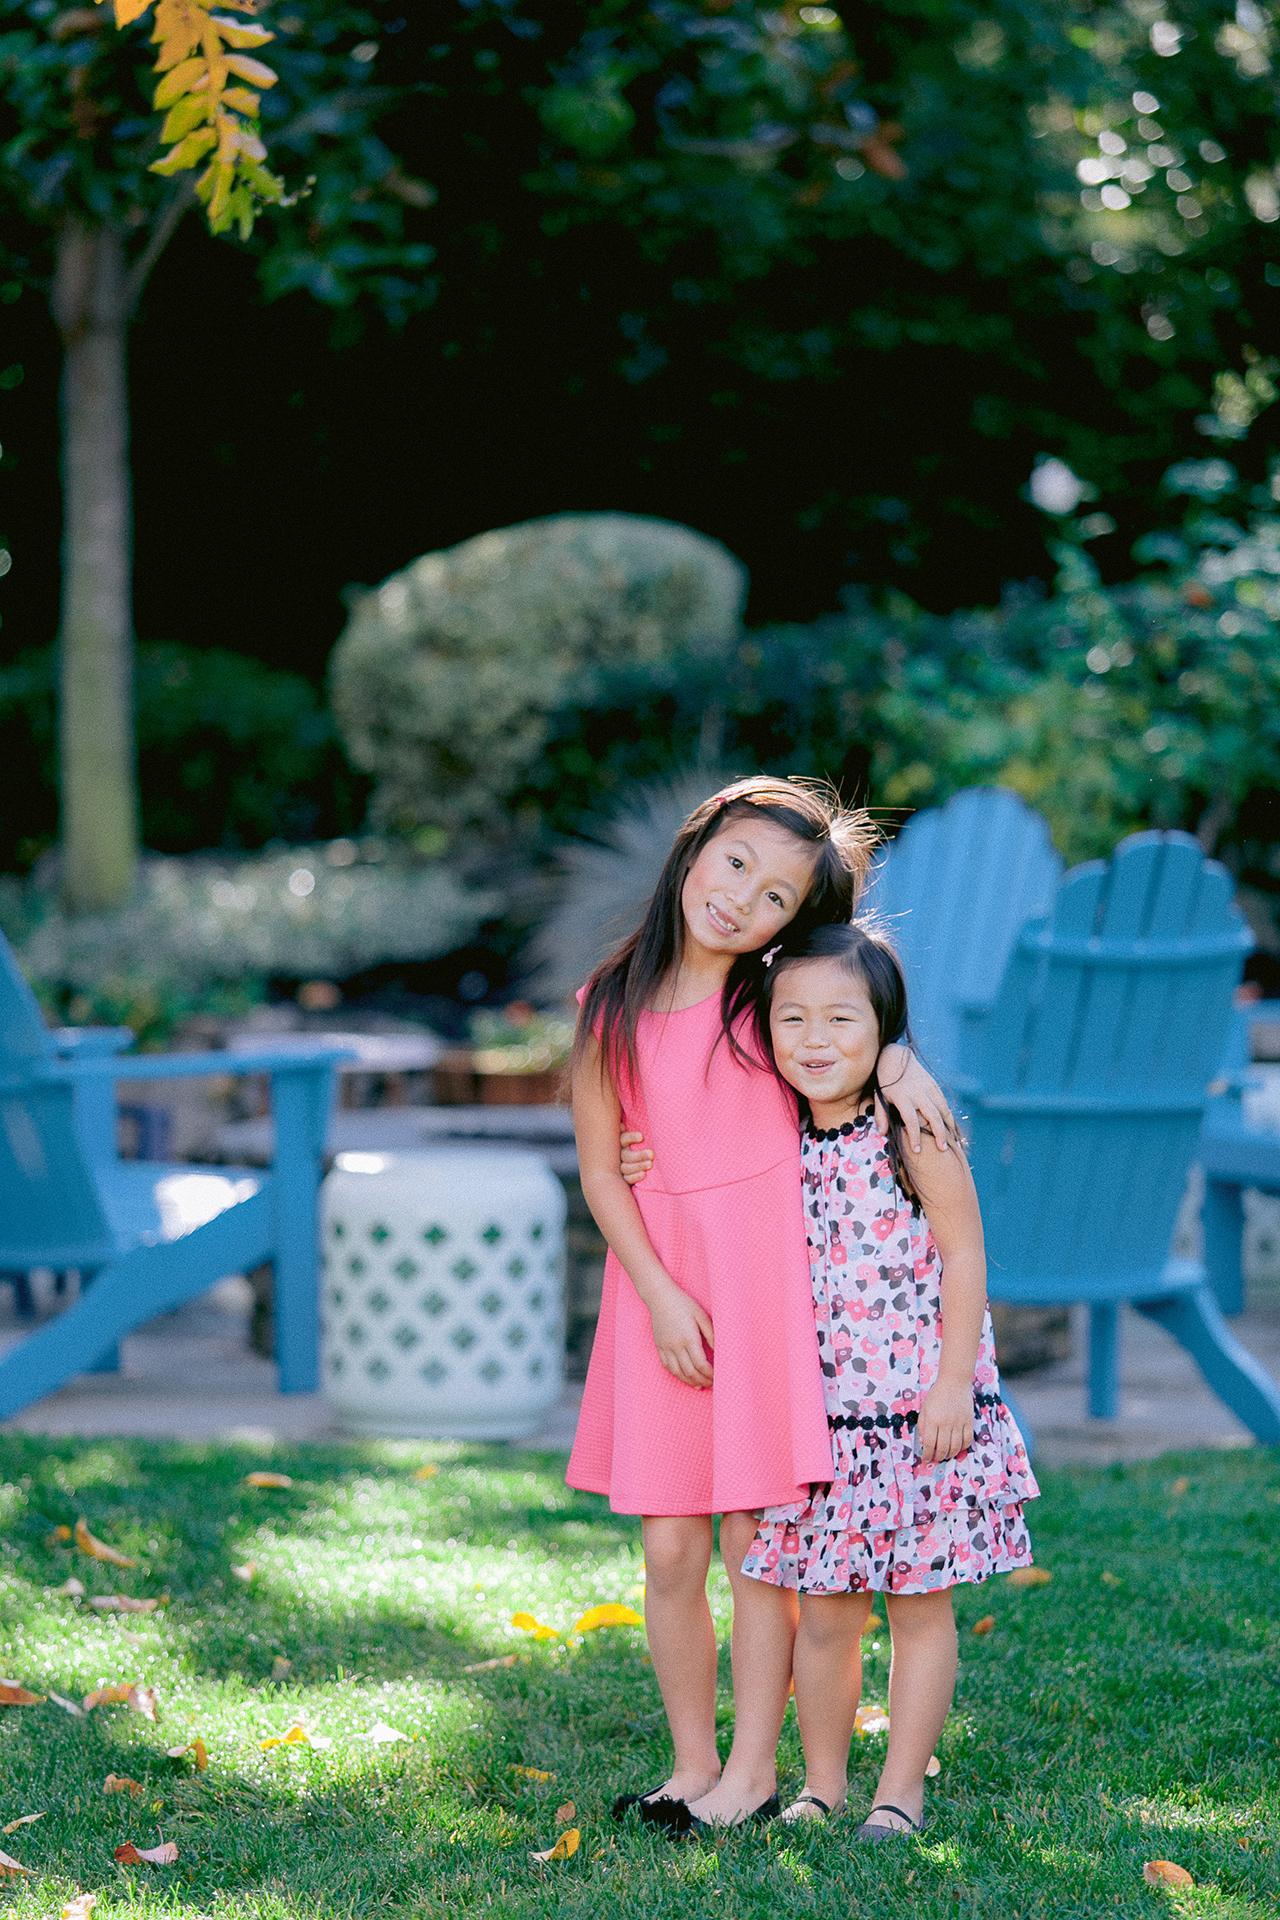 Danville_Children_and_Family_Portrait_002.jpg